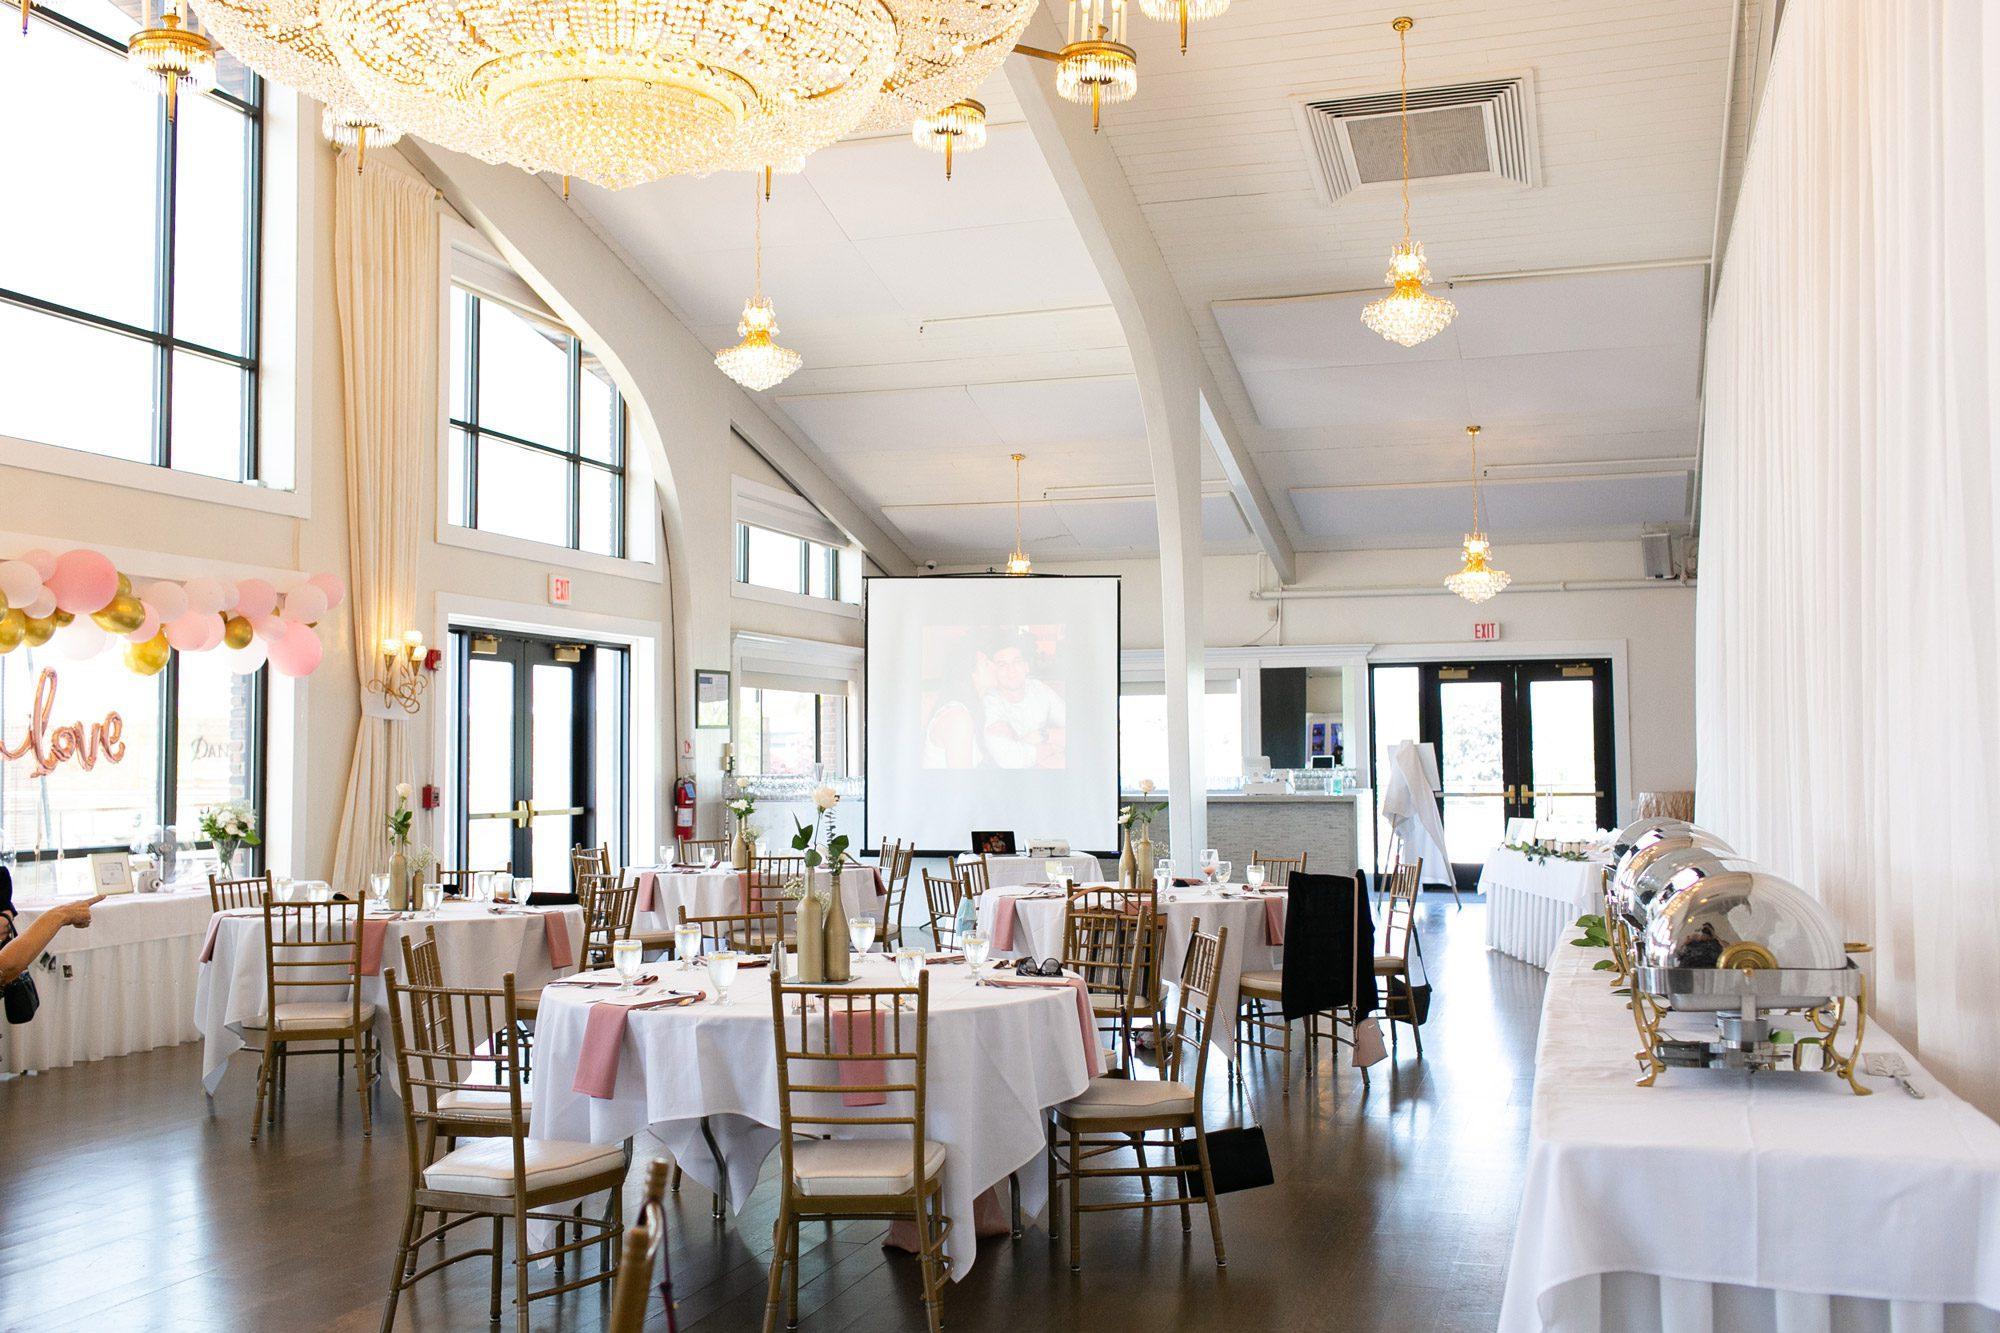 Bridal shower decor in Harborview Ballroom at Danversport in Danvers, Massachusetts